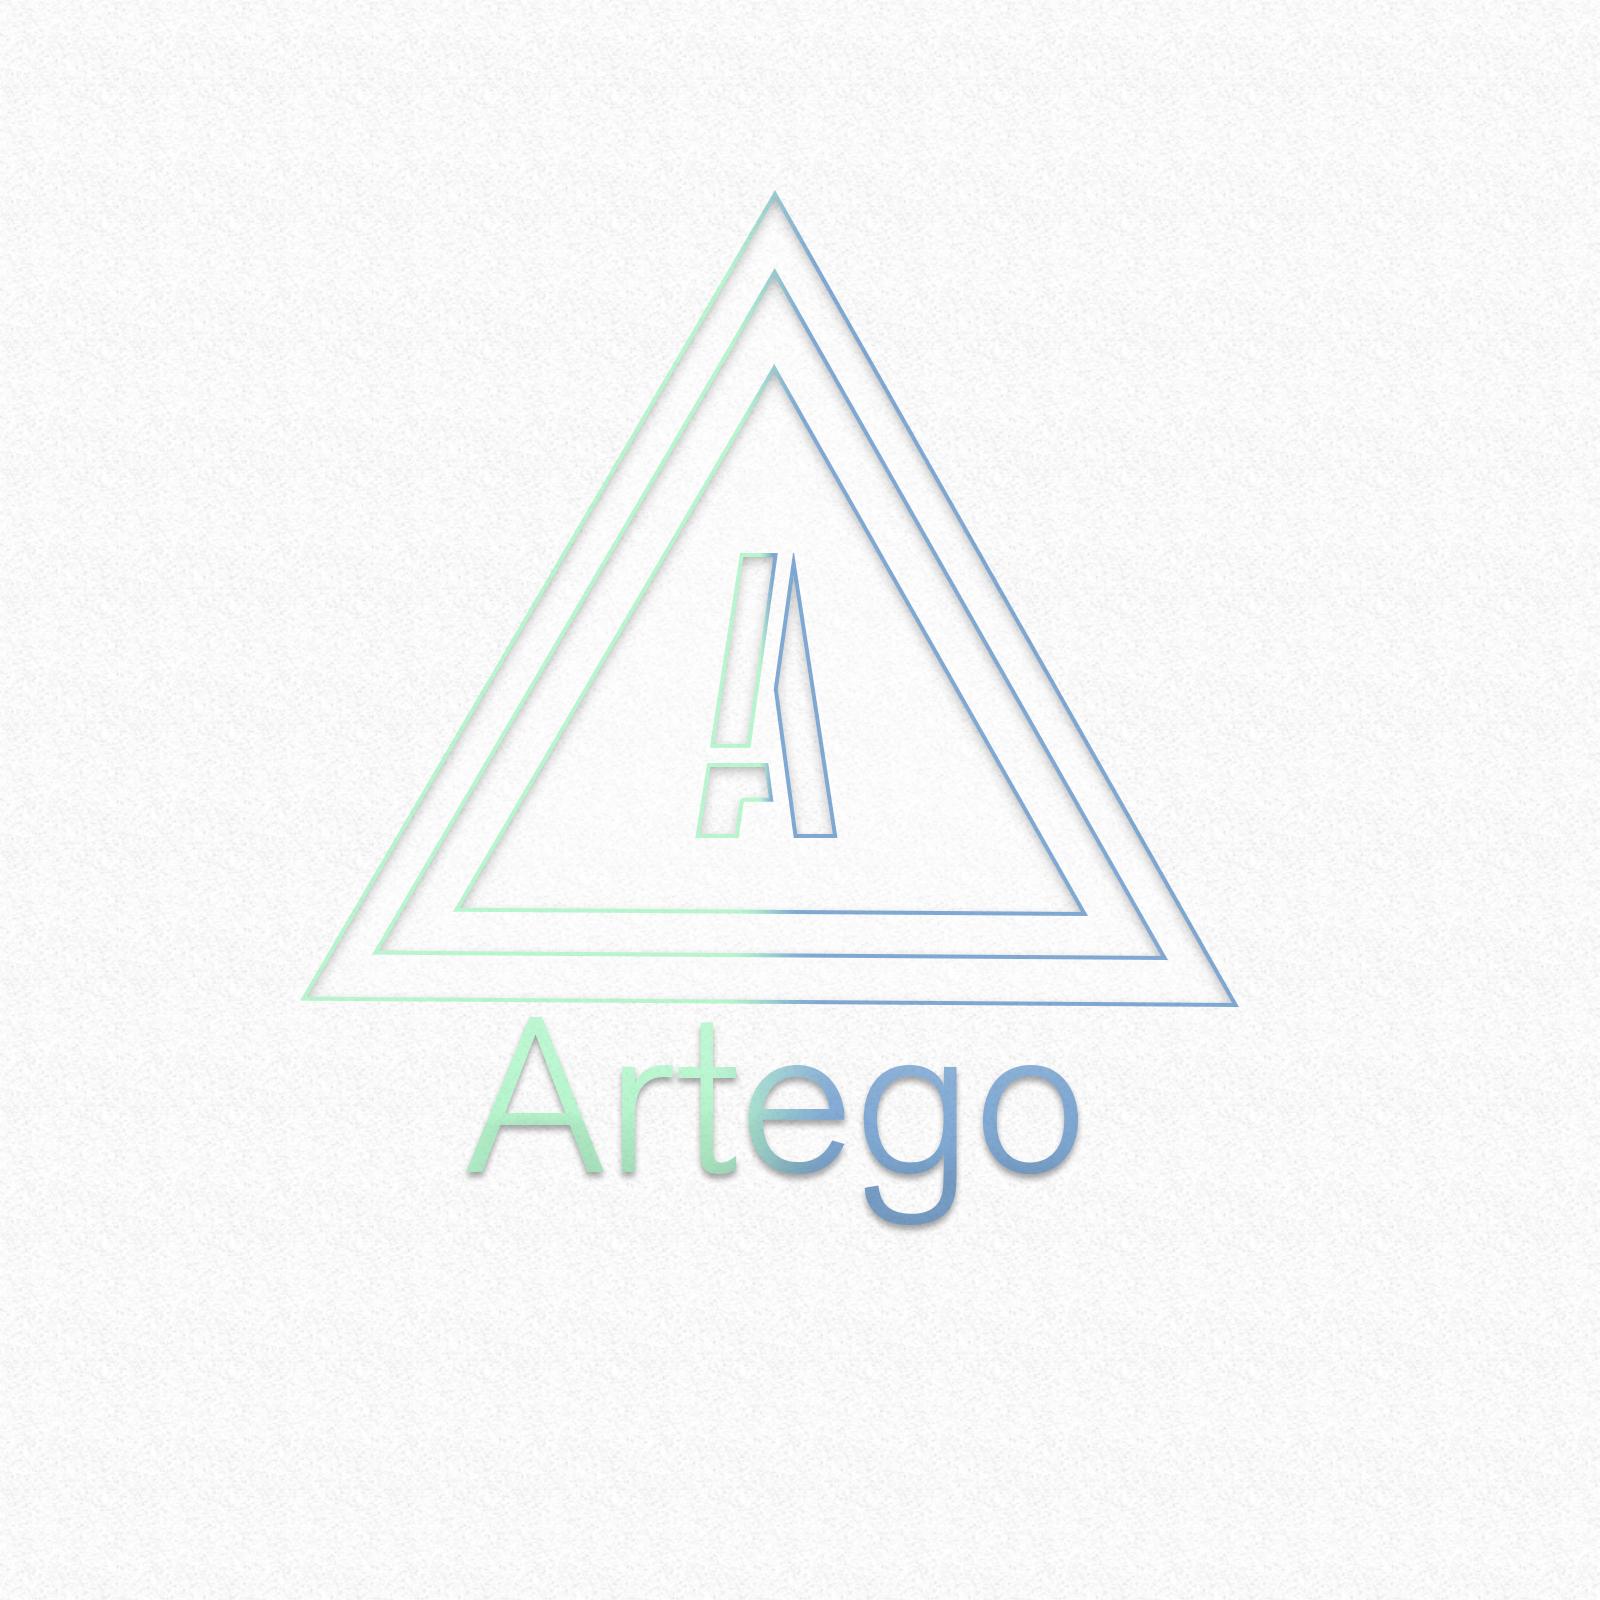 Artego